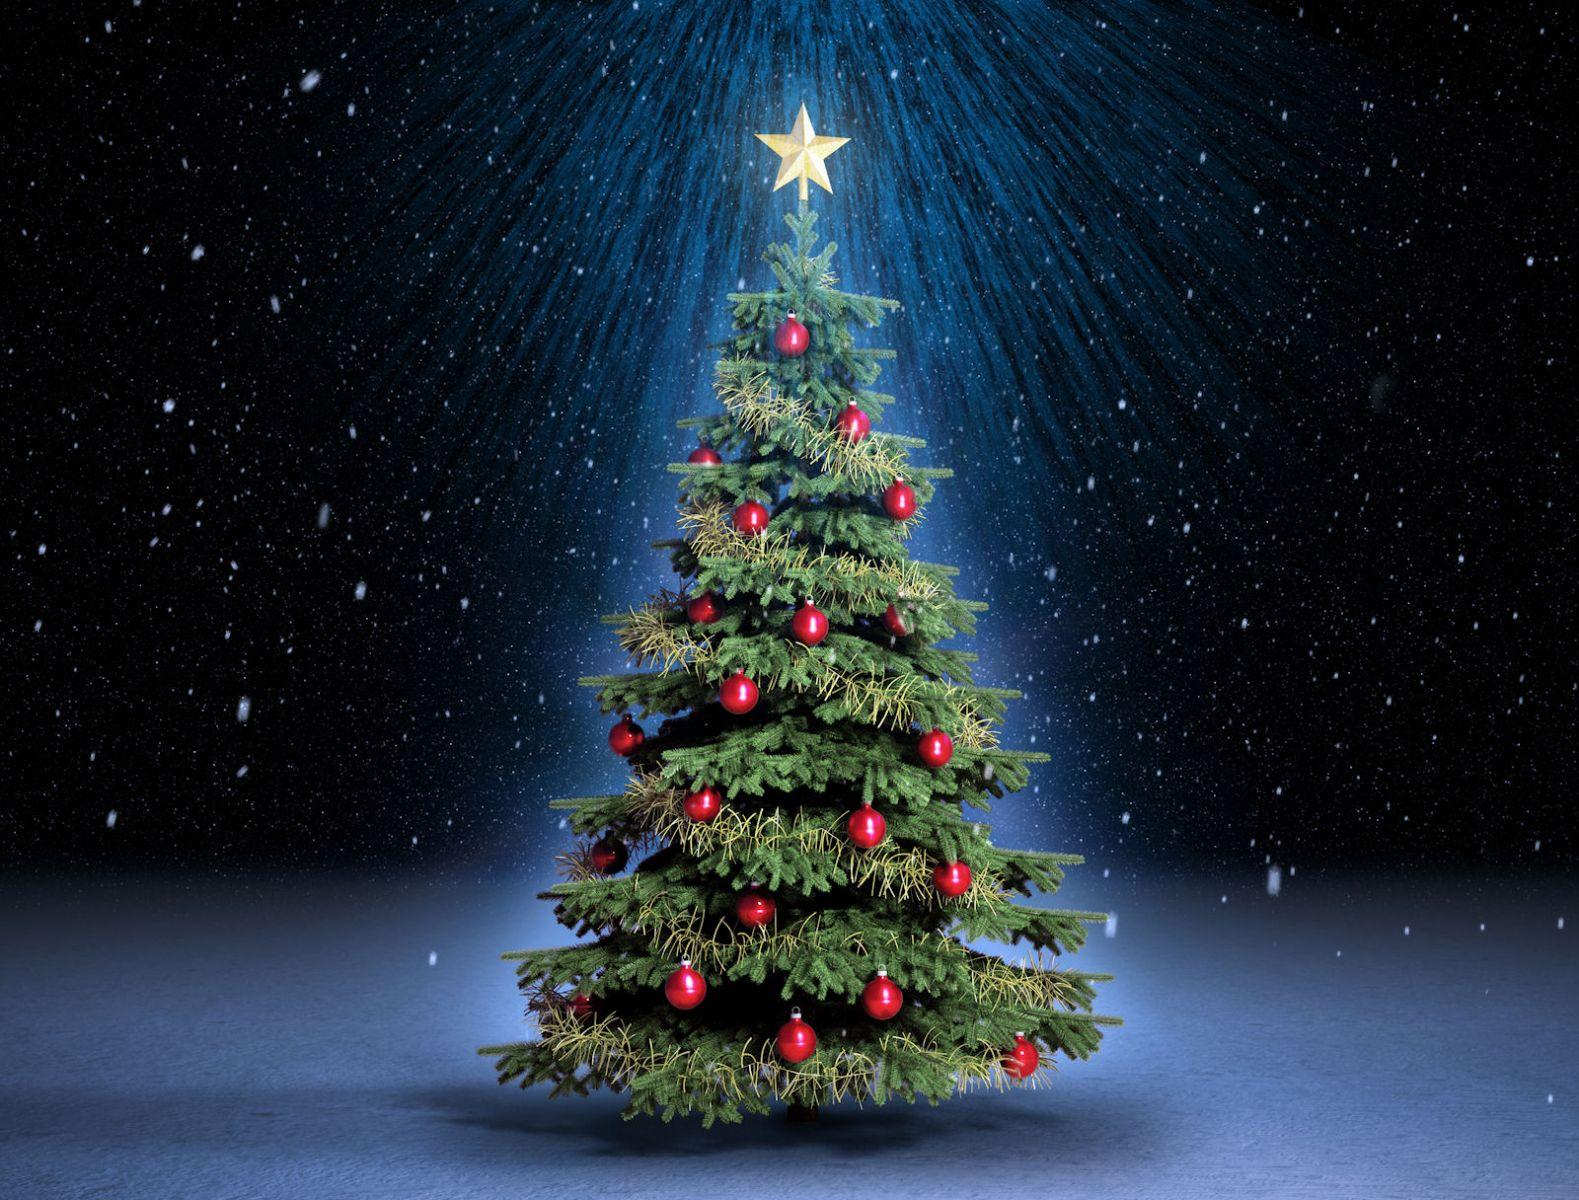 el origen del rbol de navidad - Arbol De Navidad